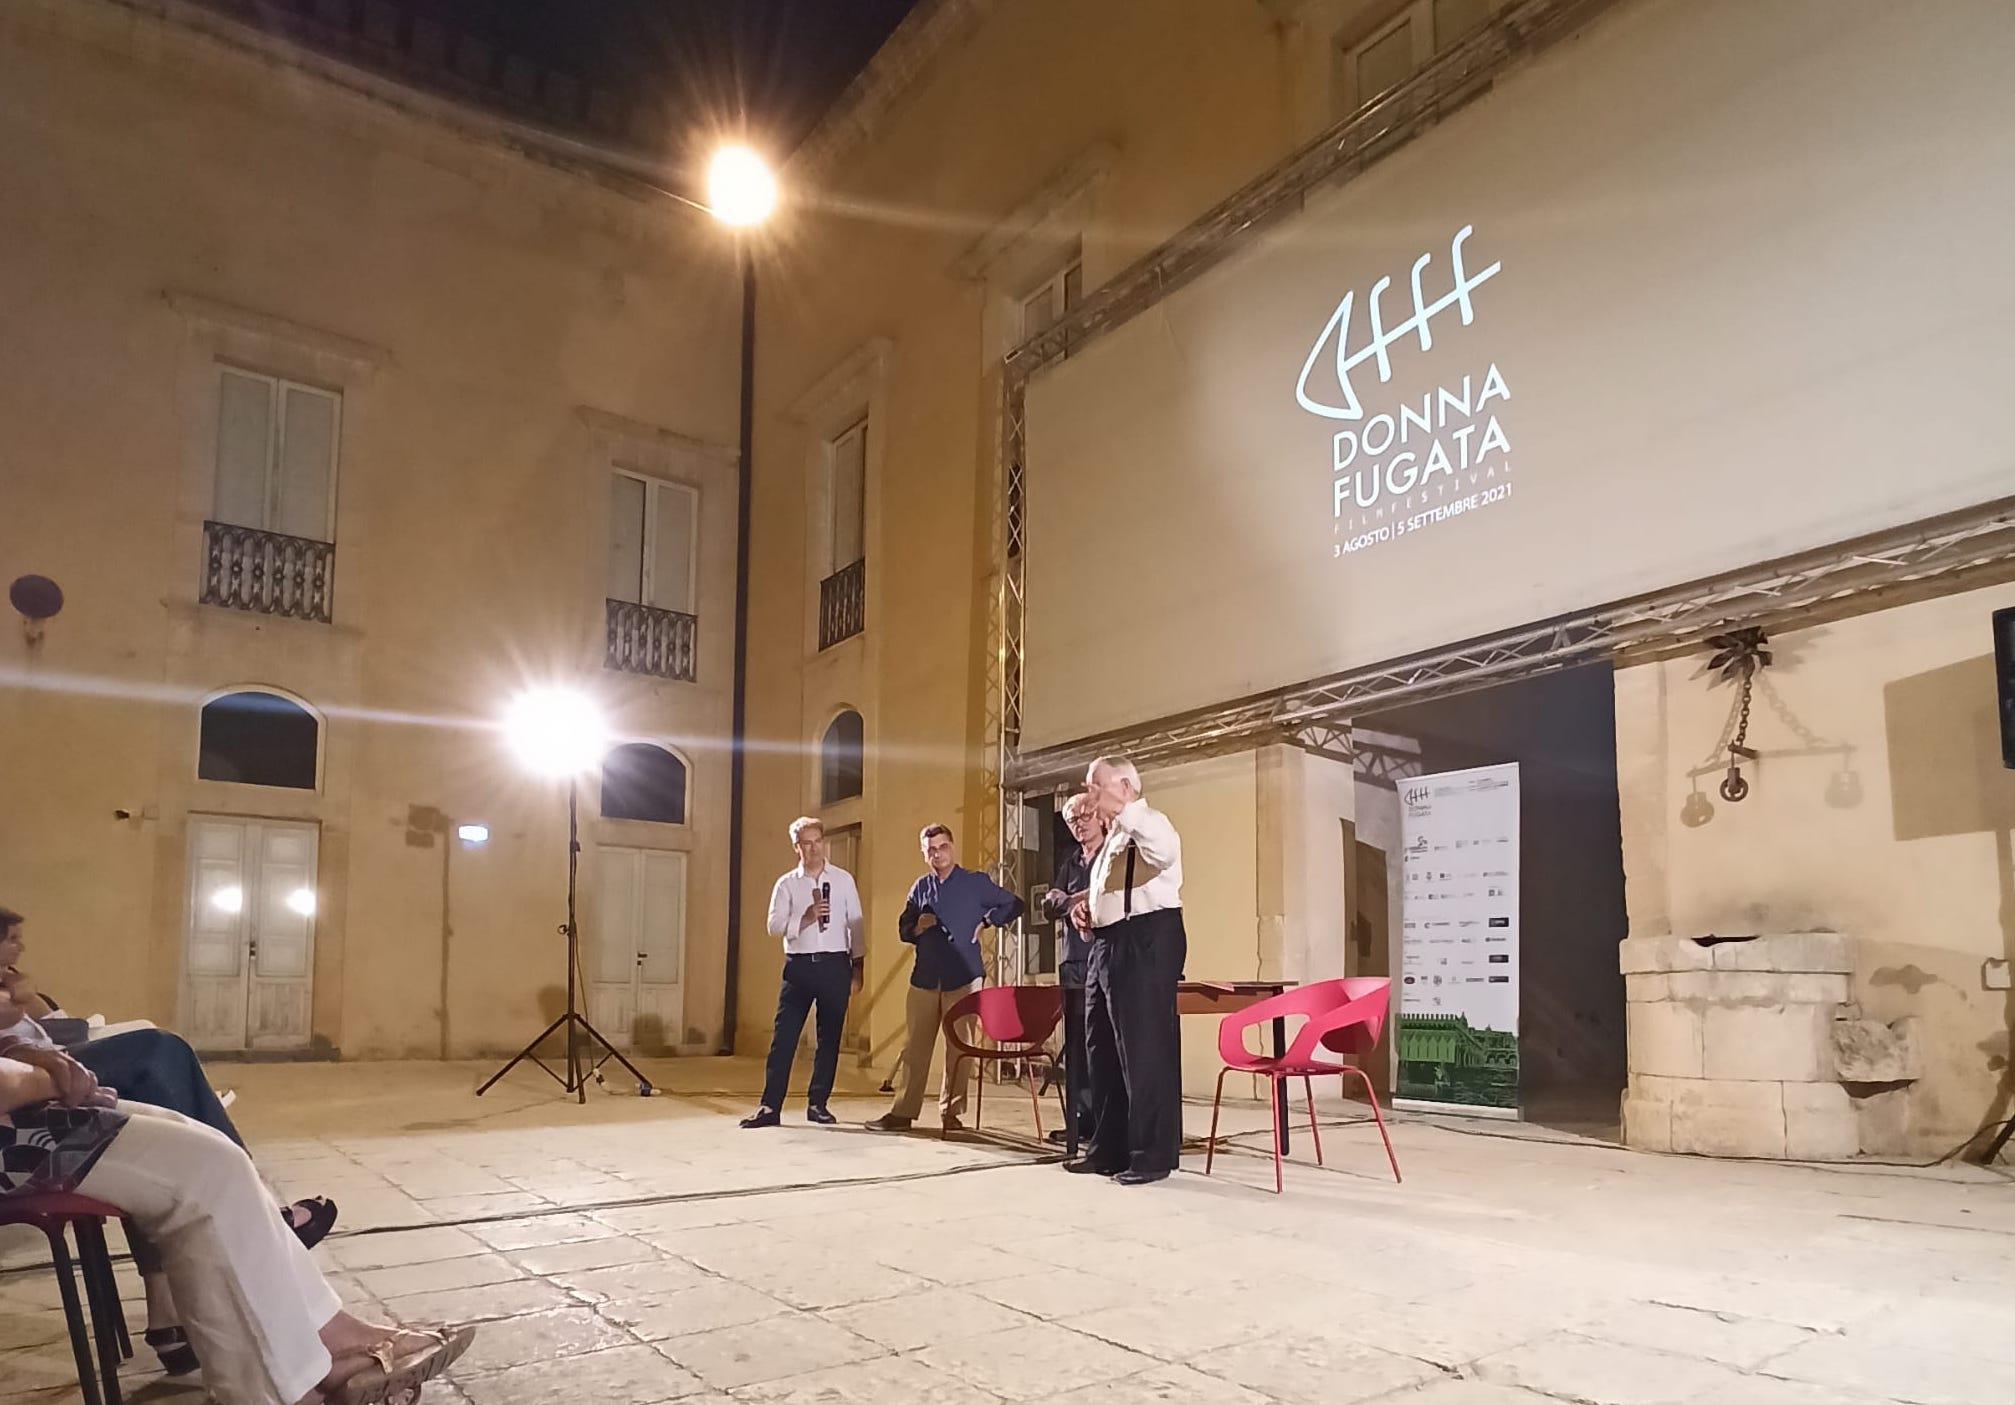 Inclusione e diversabilità. Al DonnaFugata Film Festival questo venerdì una serata speciale. Sabato arriva Francesco Salvi, tra l'altro autore di uno dei tre manifesti di questa edizione